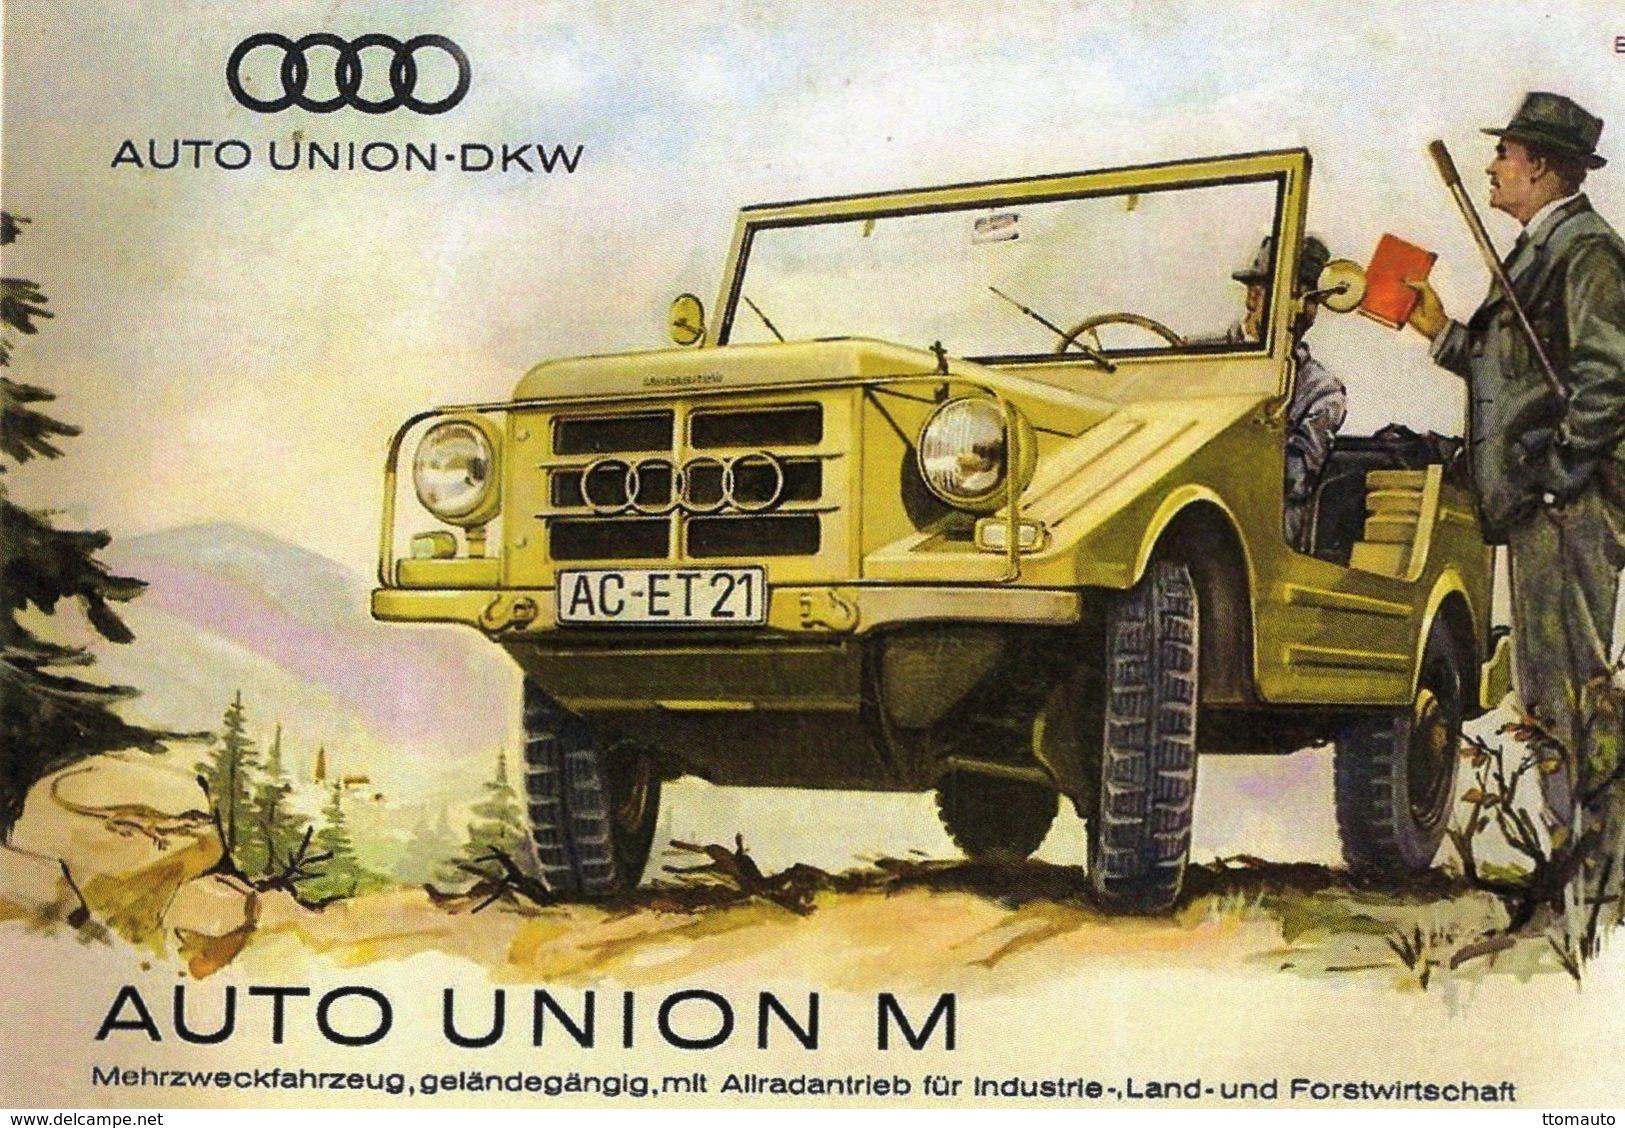 Auto Union-DKW Modèle M  -  Publicité  -  CPR - Grand Prix / F1